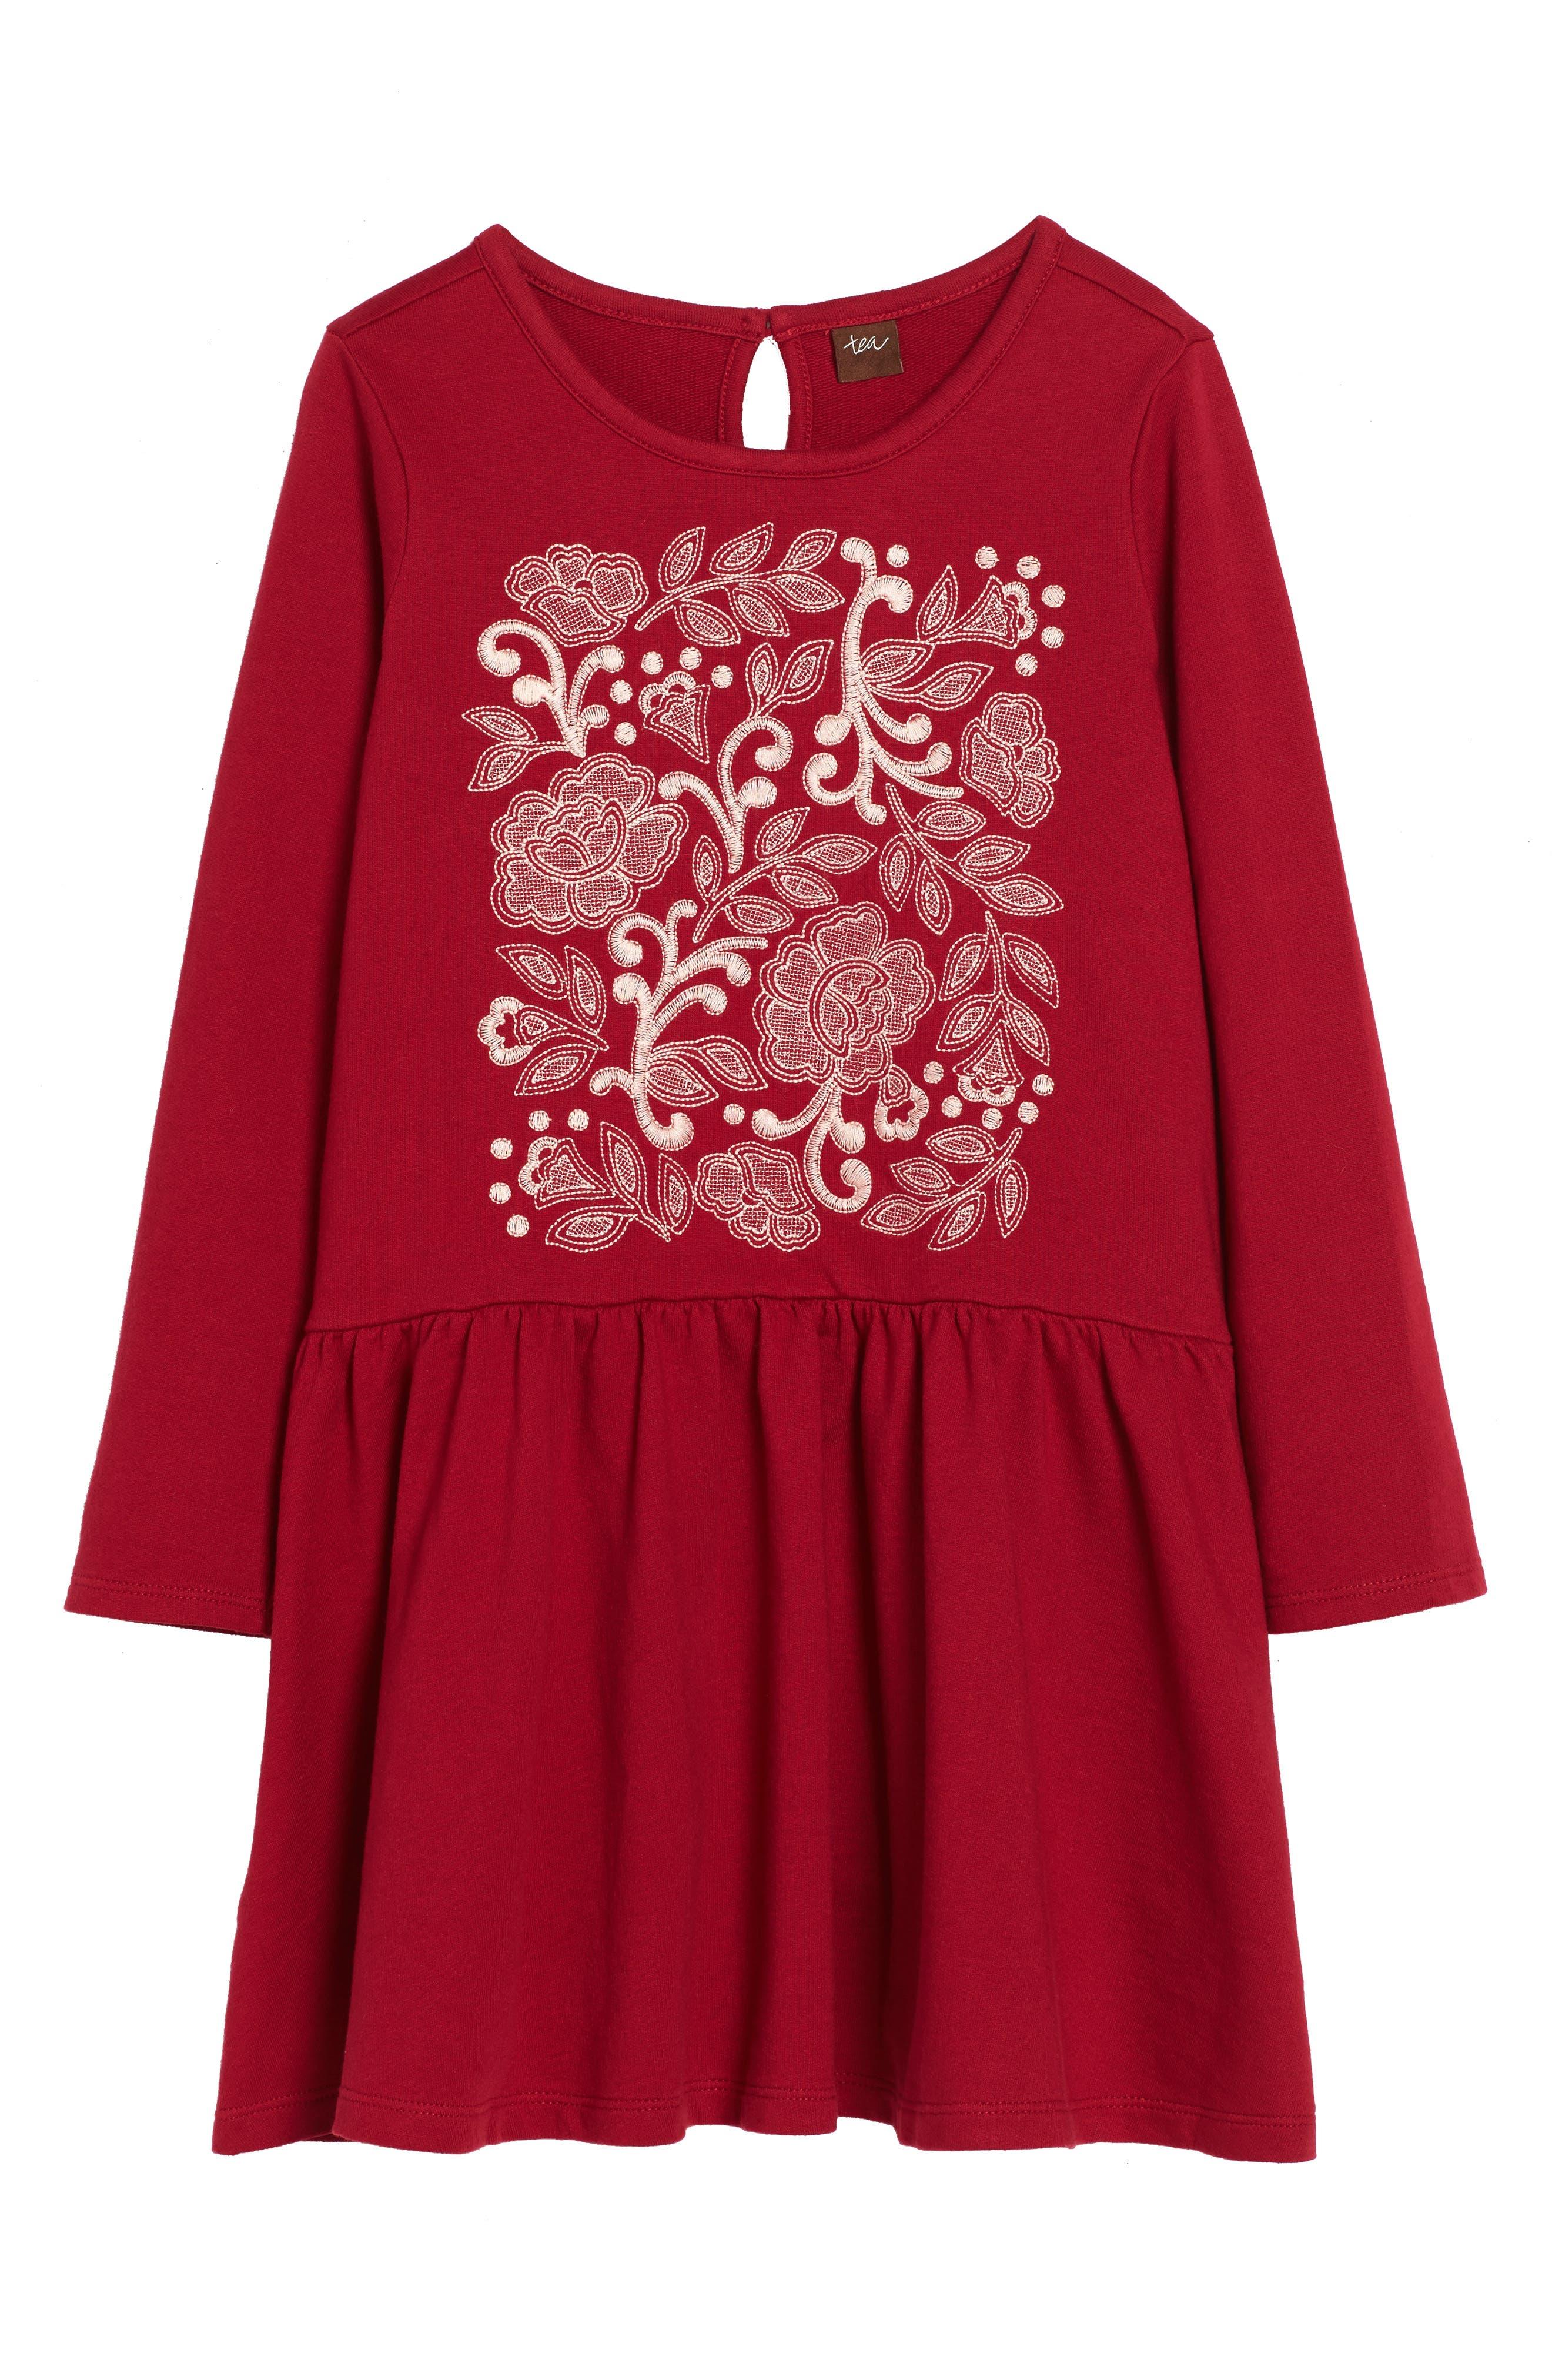 Main Image - Tea Collection Feather & Fan Embroidered Drop Waist Dress (Toddler Girls, Little Girls & Big Girls)